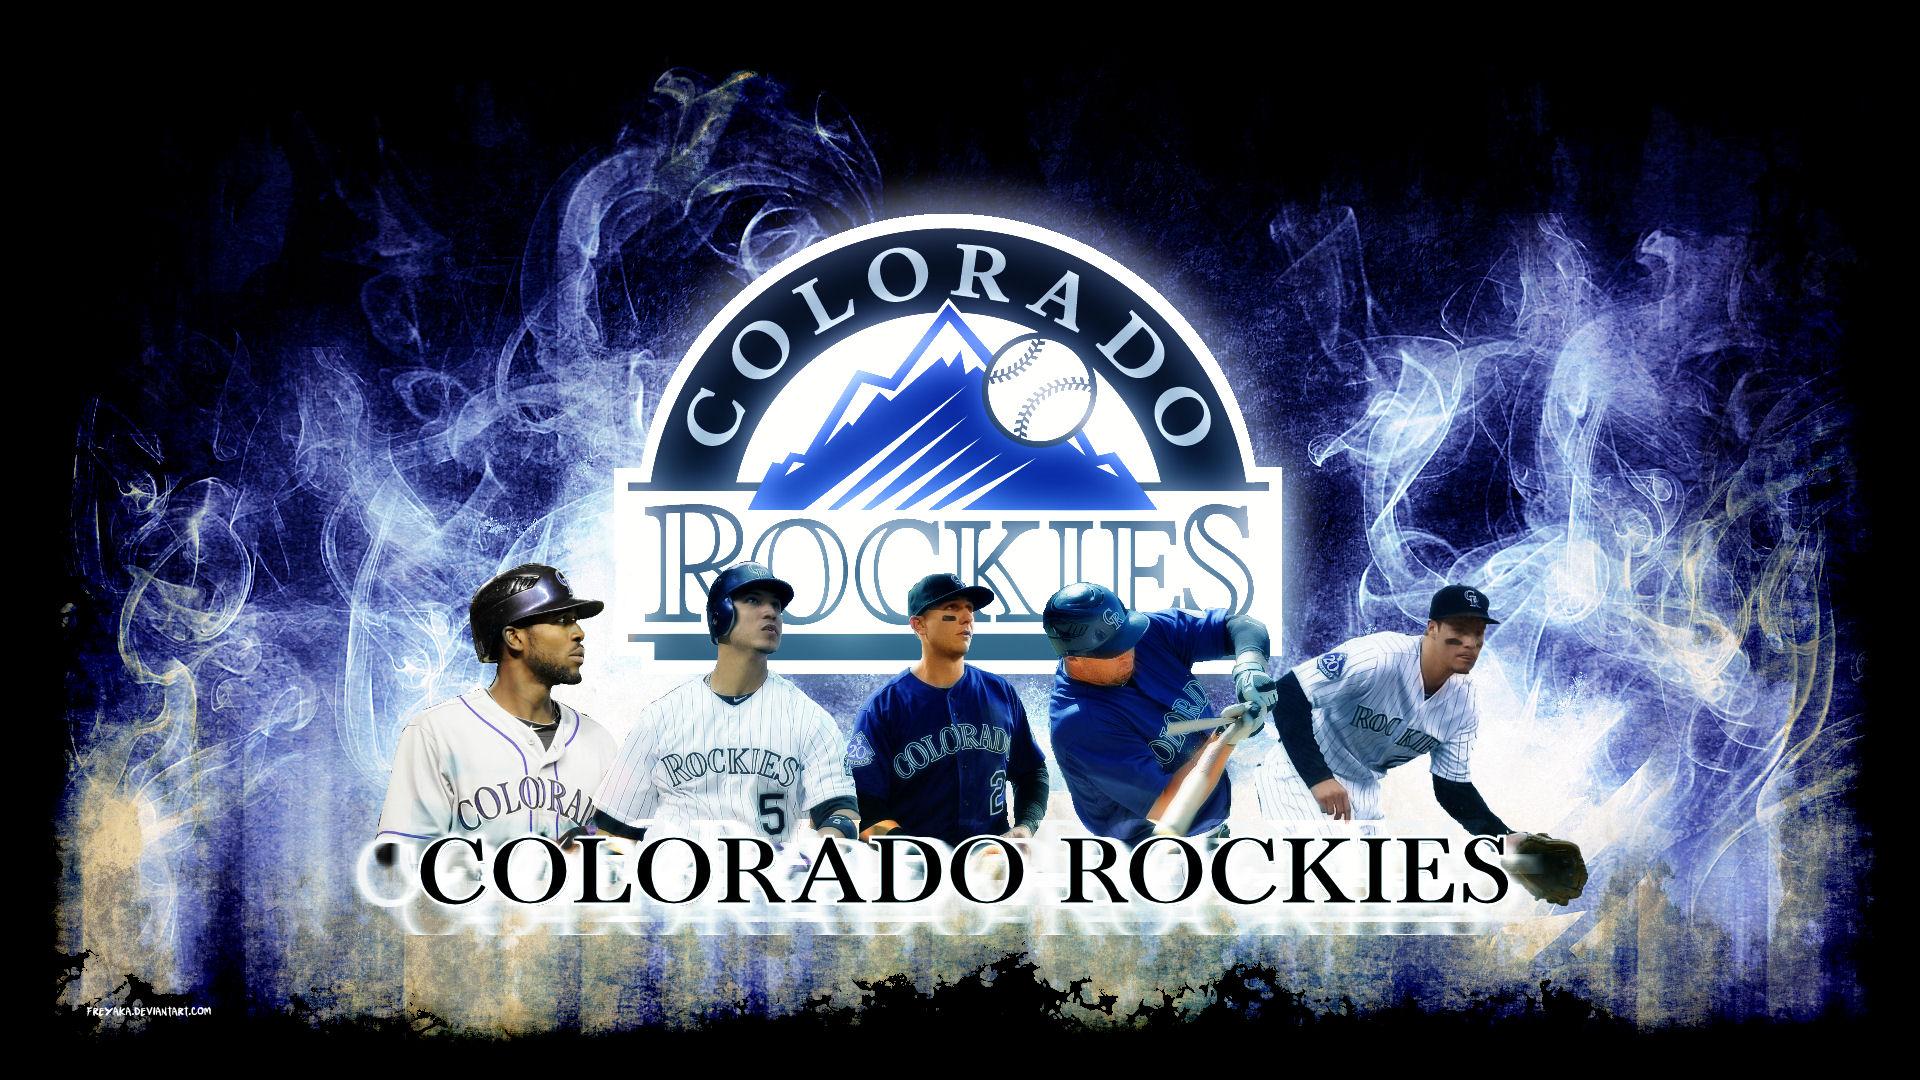 ColoradoRockies by freyaka 1920x1080